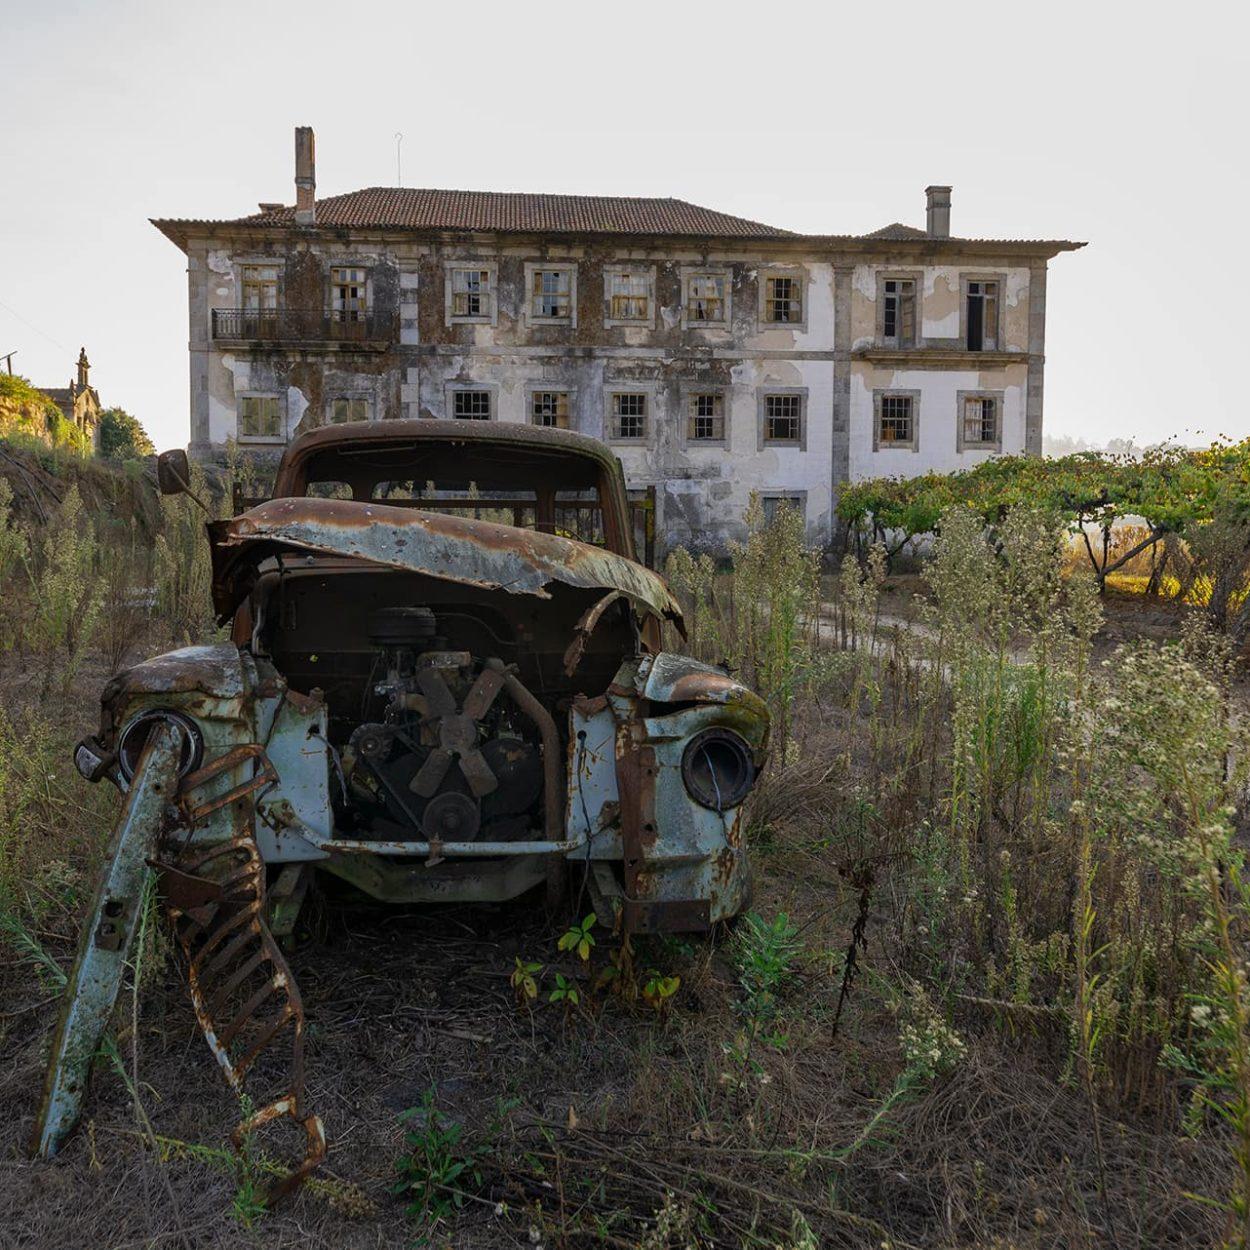 urbex-urban-exploration-portugal-azeitonas-quinta-automobile